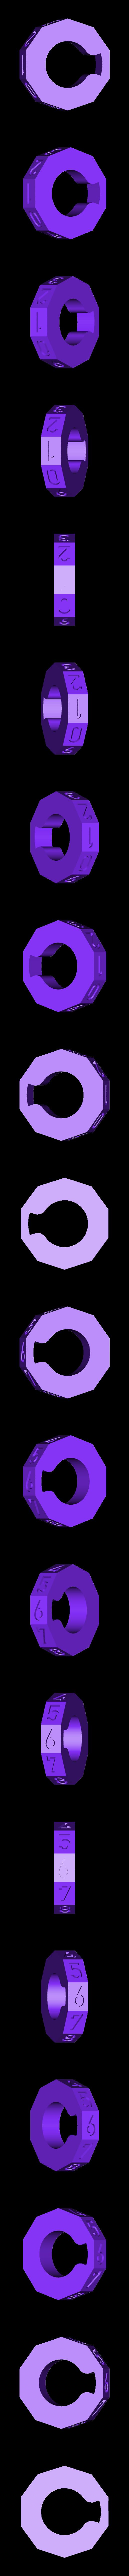 Wheel6.stl Télécharger fichier STL gratuit Kit de verrouillage de permutation personnalisable (verrouillage à combinaison) • Objet pour impression 3D, plasticpasta